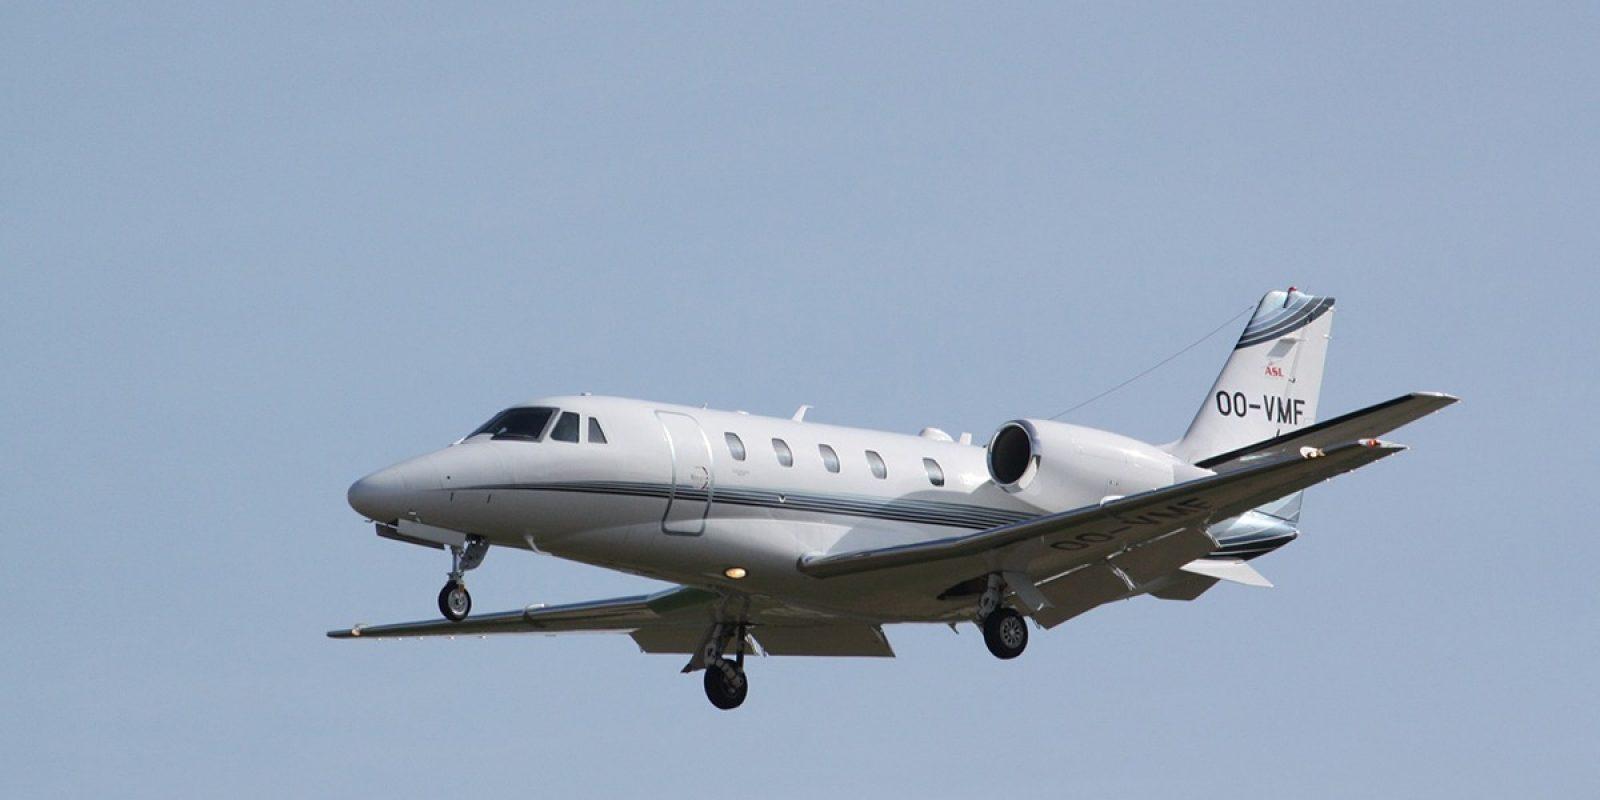 Le premier Cessna Citation XLS+ est introduit en 2011. Pas moins de cinq Citation XLS sont actuellement opérés par le groupe ASL, dont le OO-VMF (msn 560-6193). (Photo Guy Viselé)